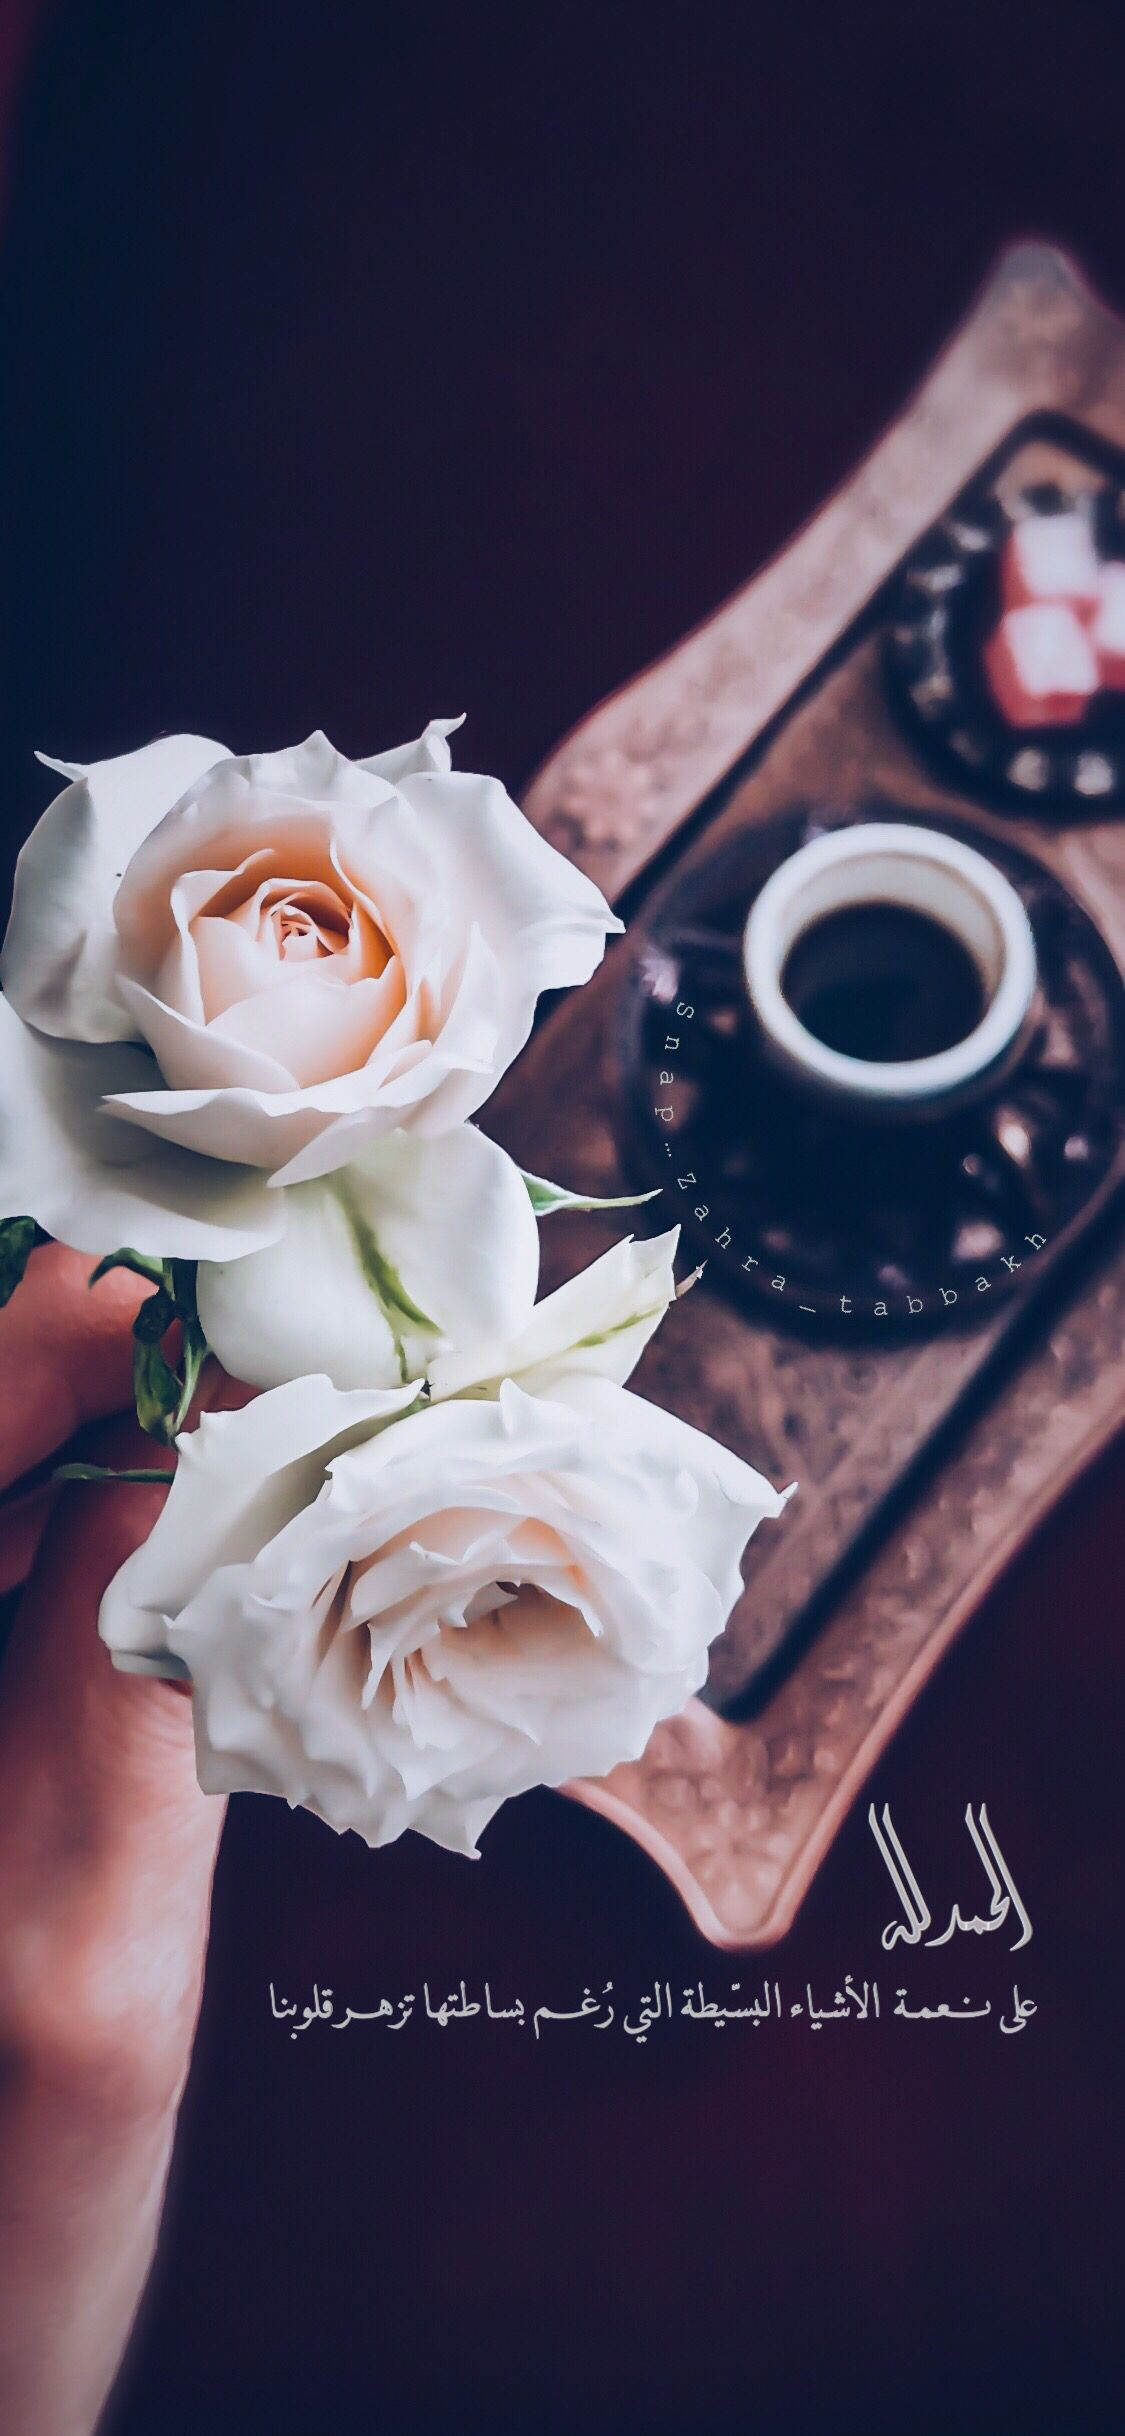 قهوة وقت القهوة صباح الخير رمزيات صورة تصويري تصاميم كوب قهوة سناب سنابيات بيسيات فنجان قهوة رو Arabic Quotes Quran Quotes Love Arabic Love Quotes